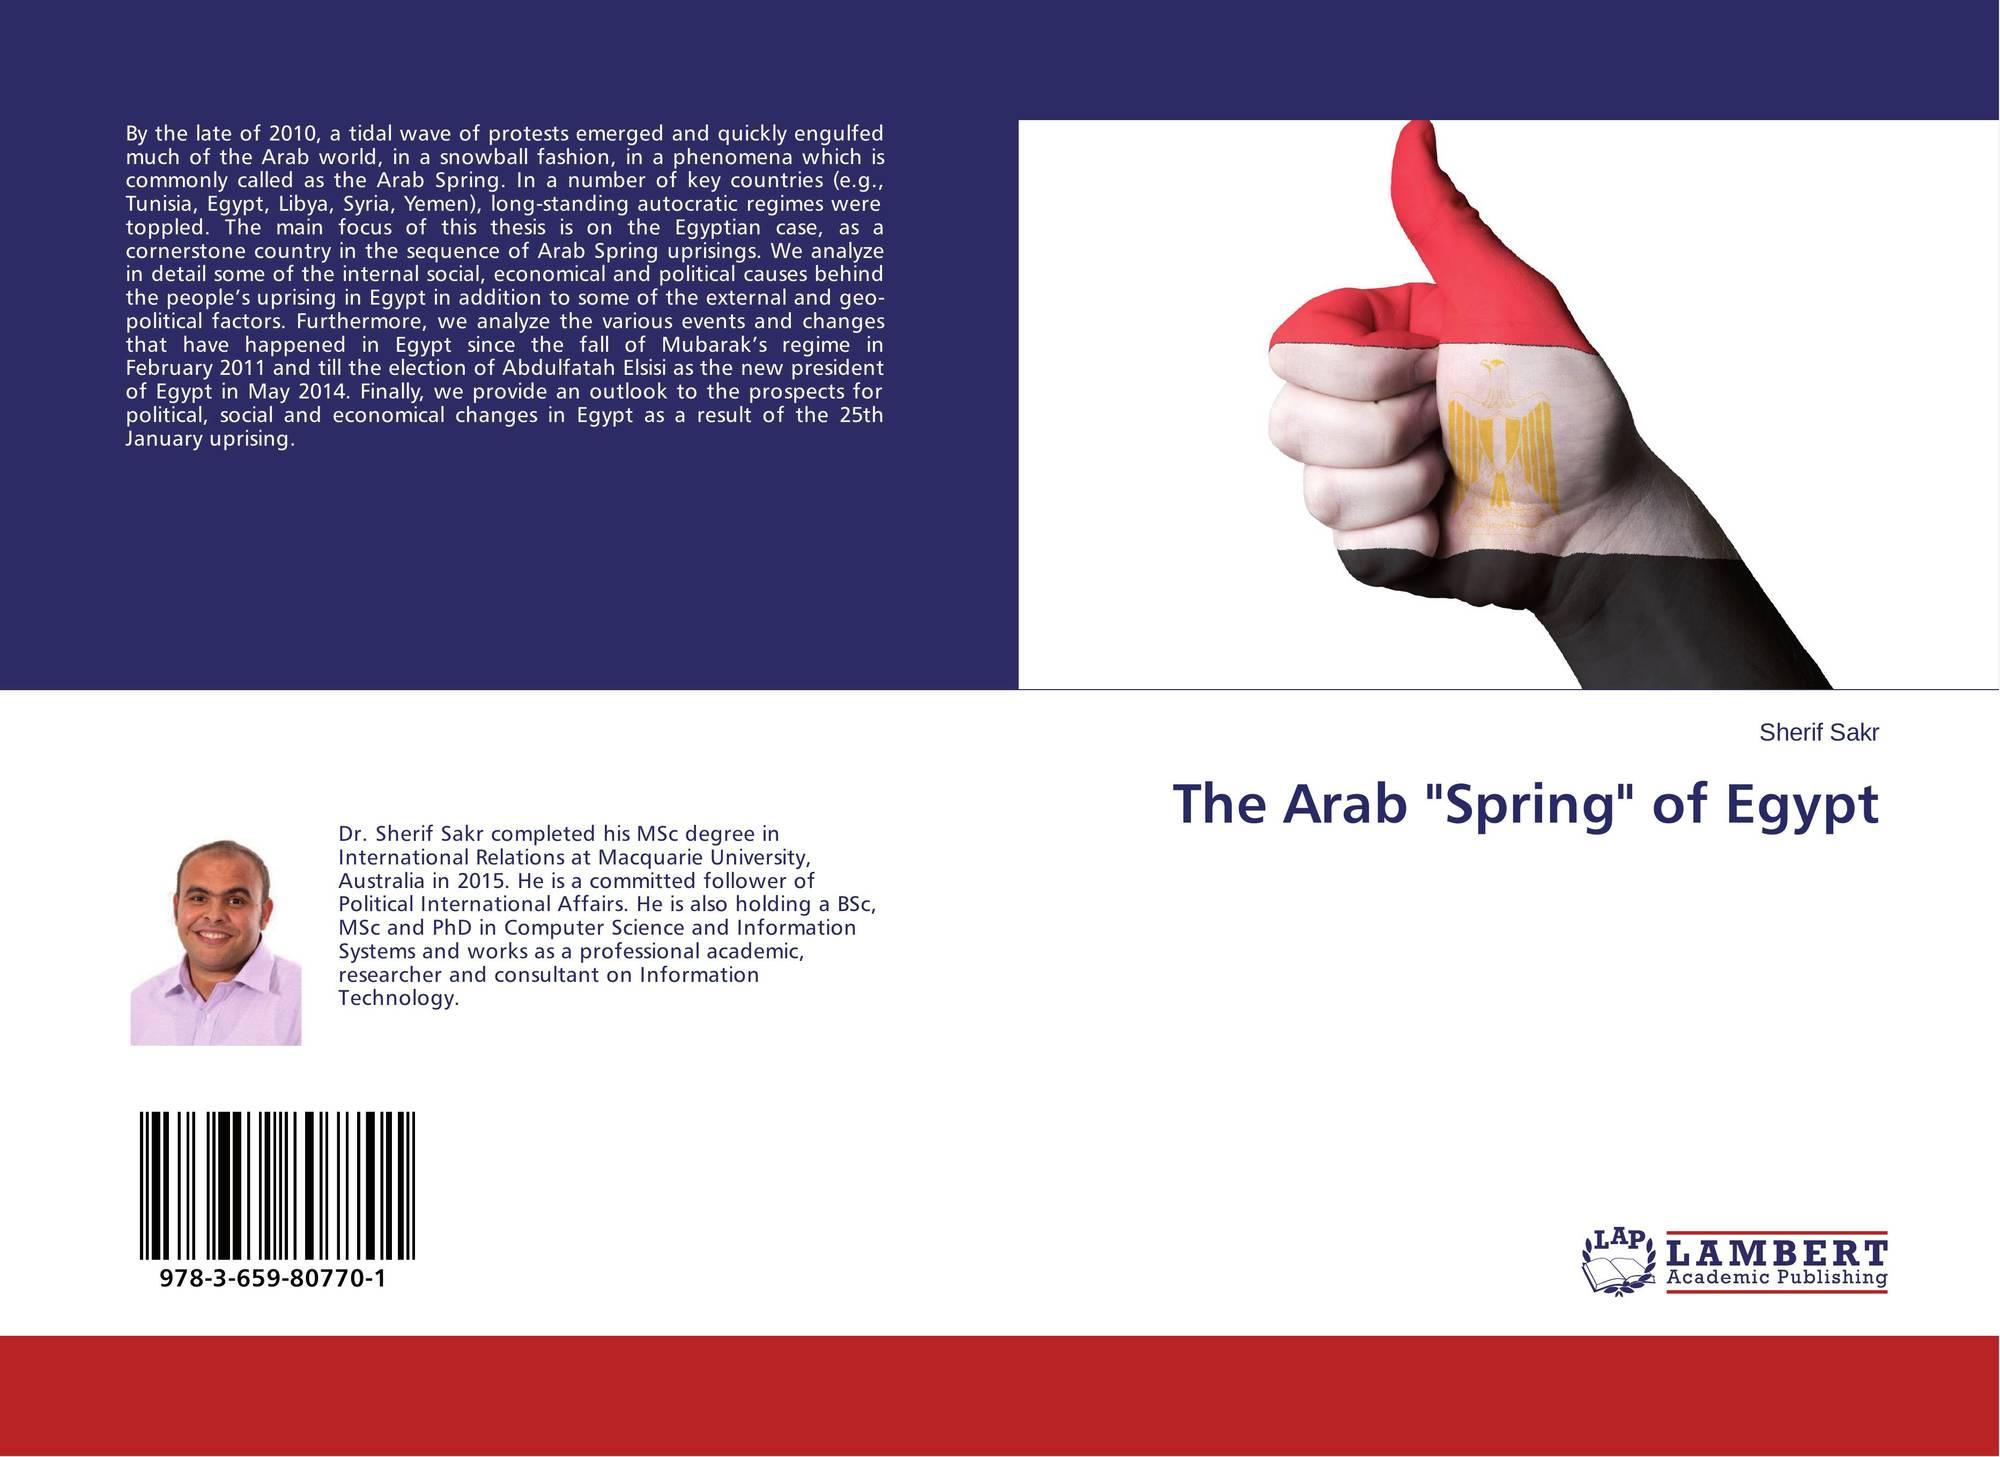 causal analysis of the arab spring